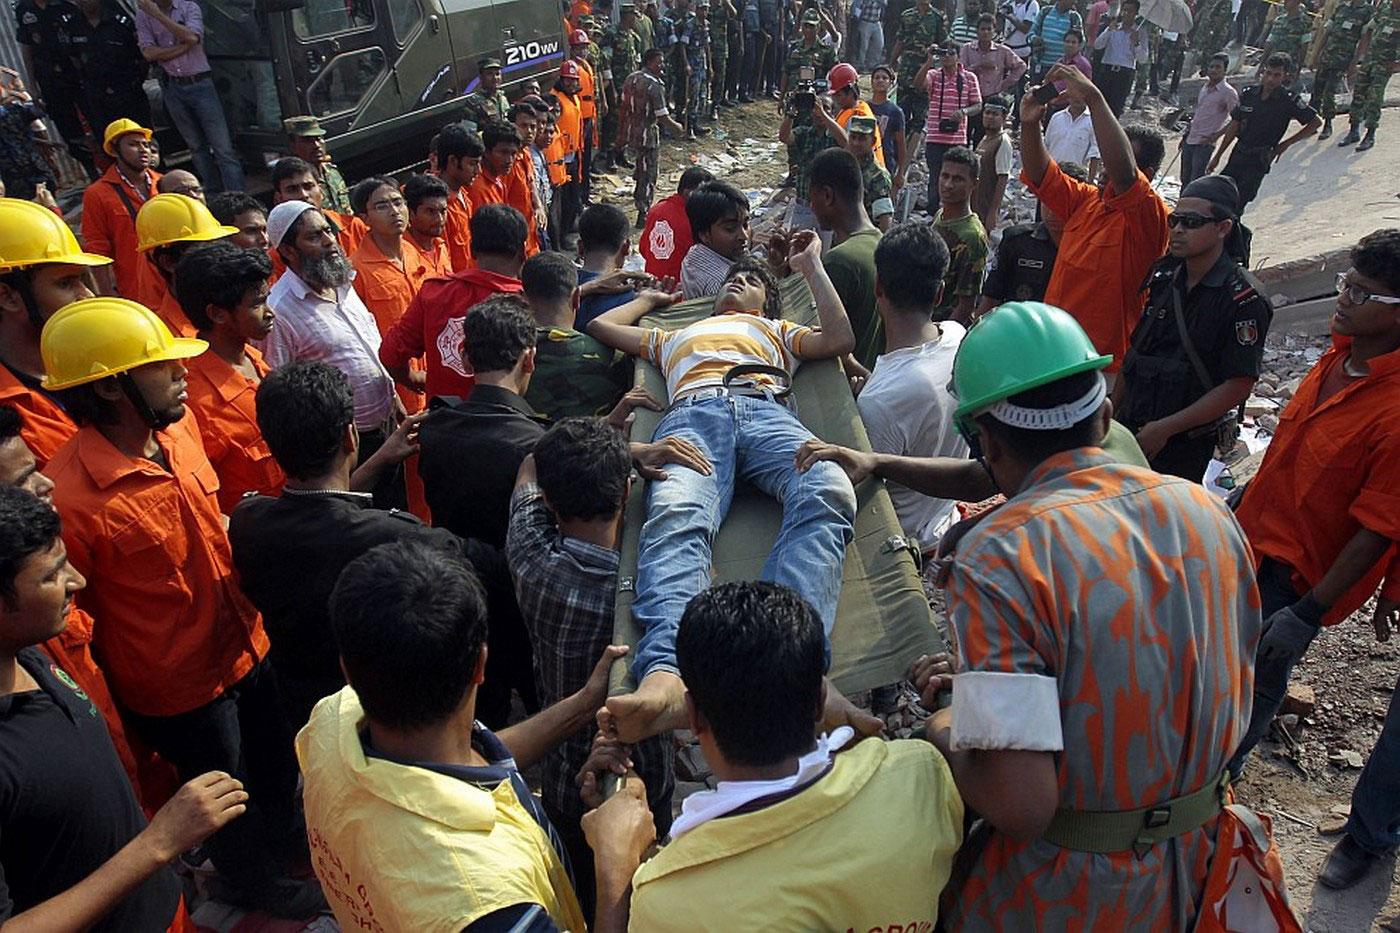 раненый мужчина на носилках